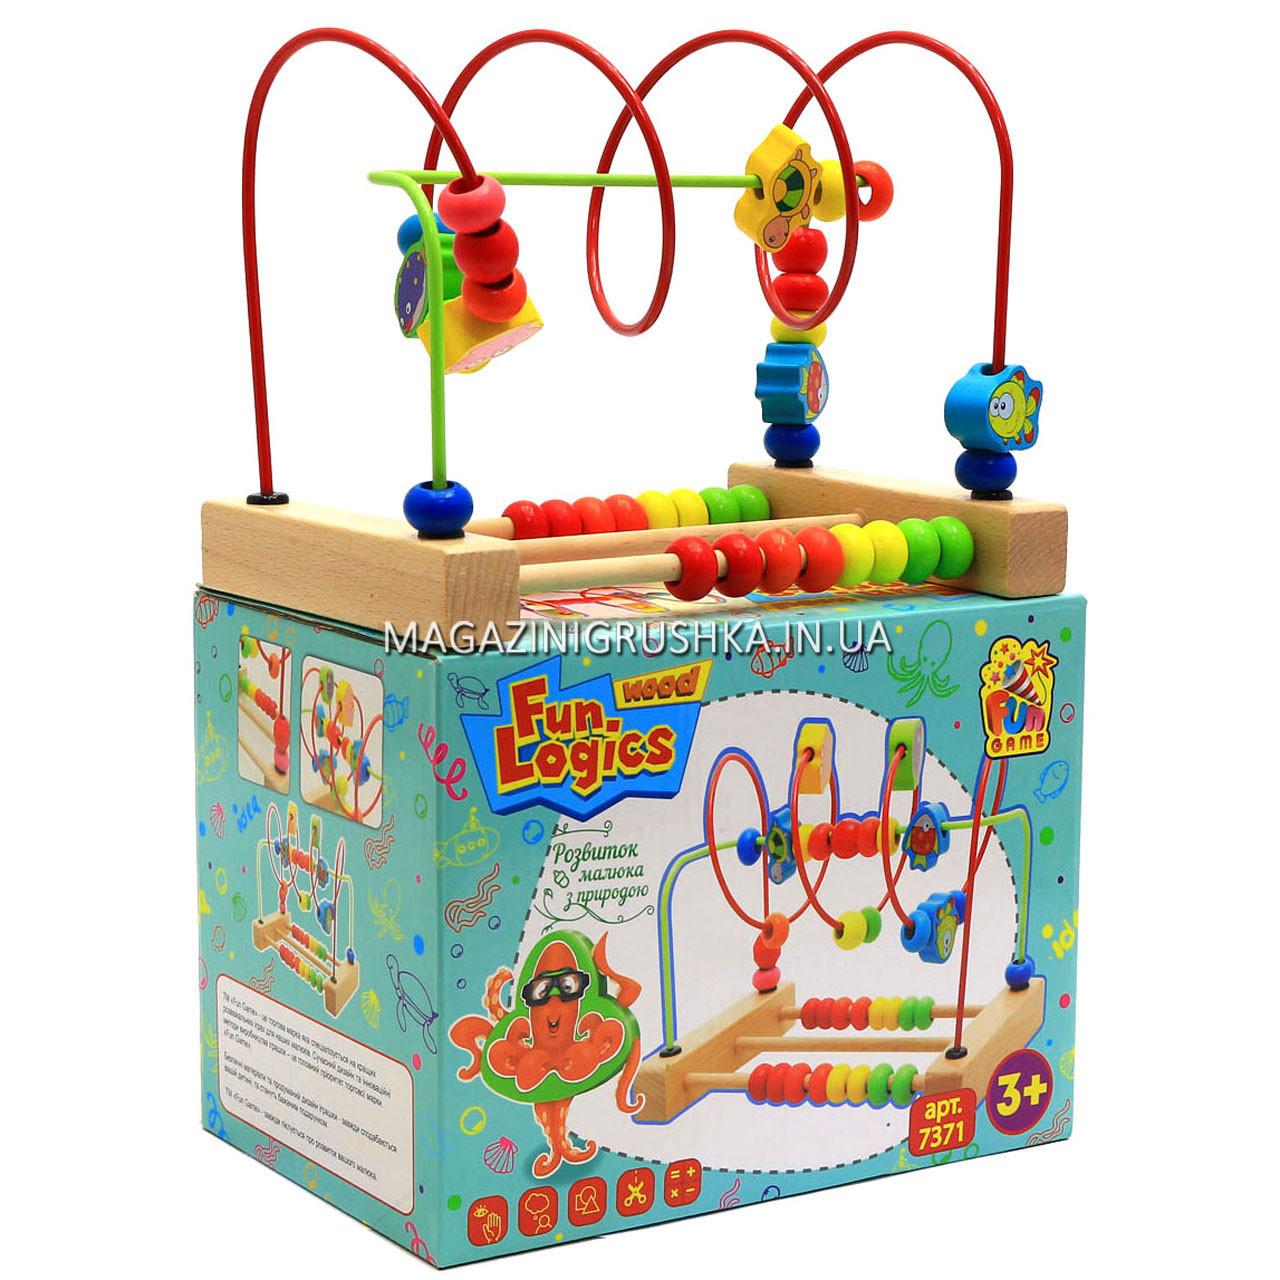 Розвиваюча іграшка для дітей Fun logics «Лабіринт» 7371